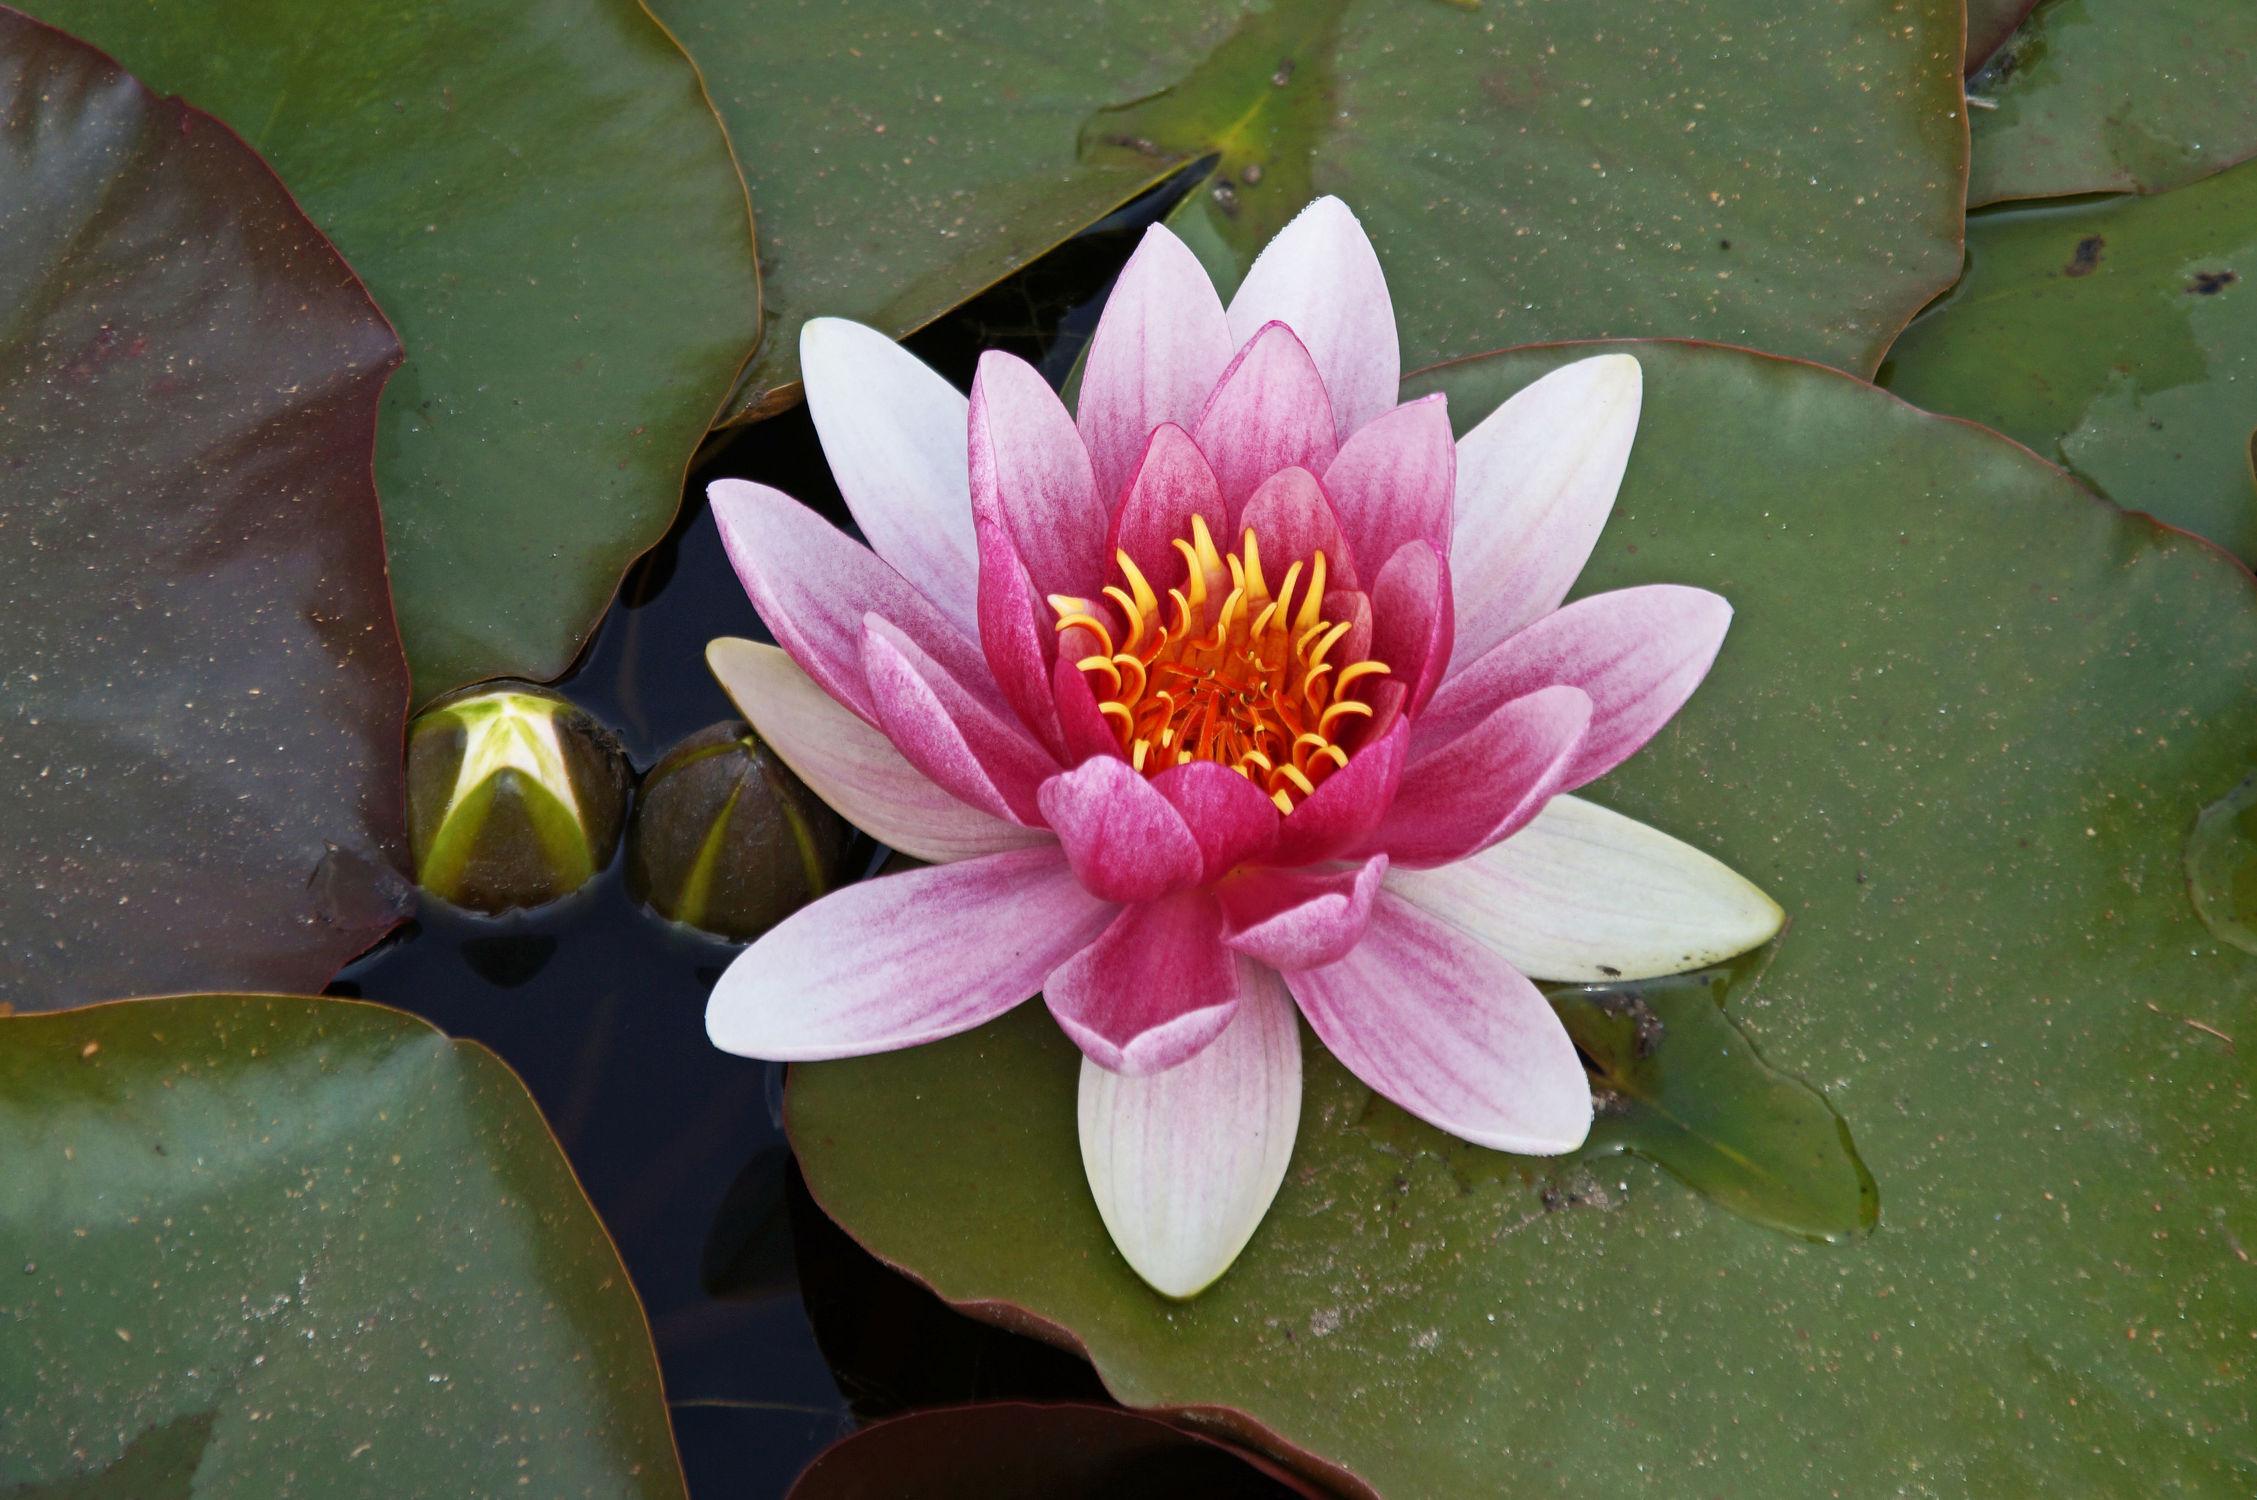 Bild mit Natur, Wasser, Seen, Rosen, Rose, See, Teich, Seerosen, Blüten, blüte, Seerose, Wasserlilie, wasserlilien